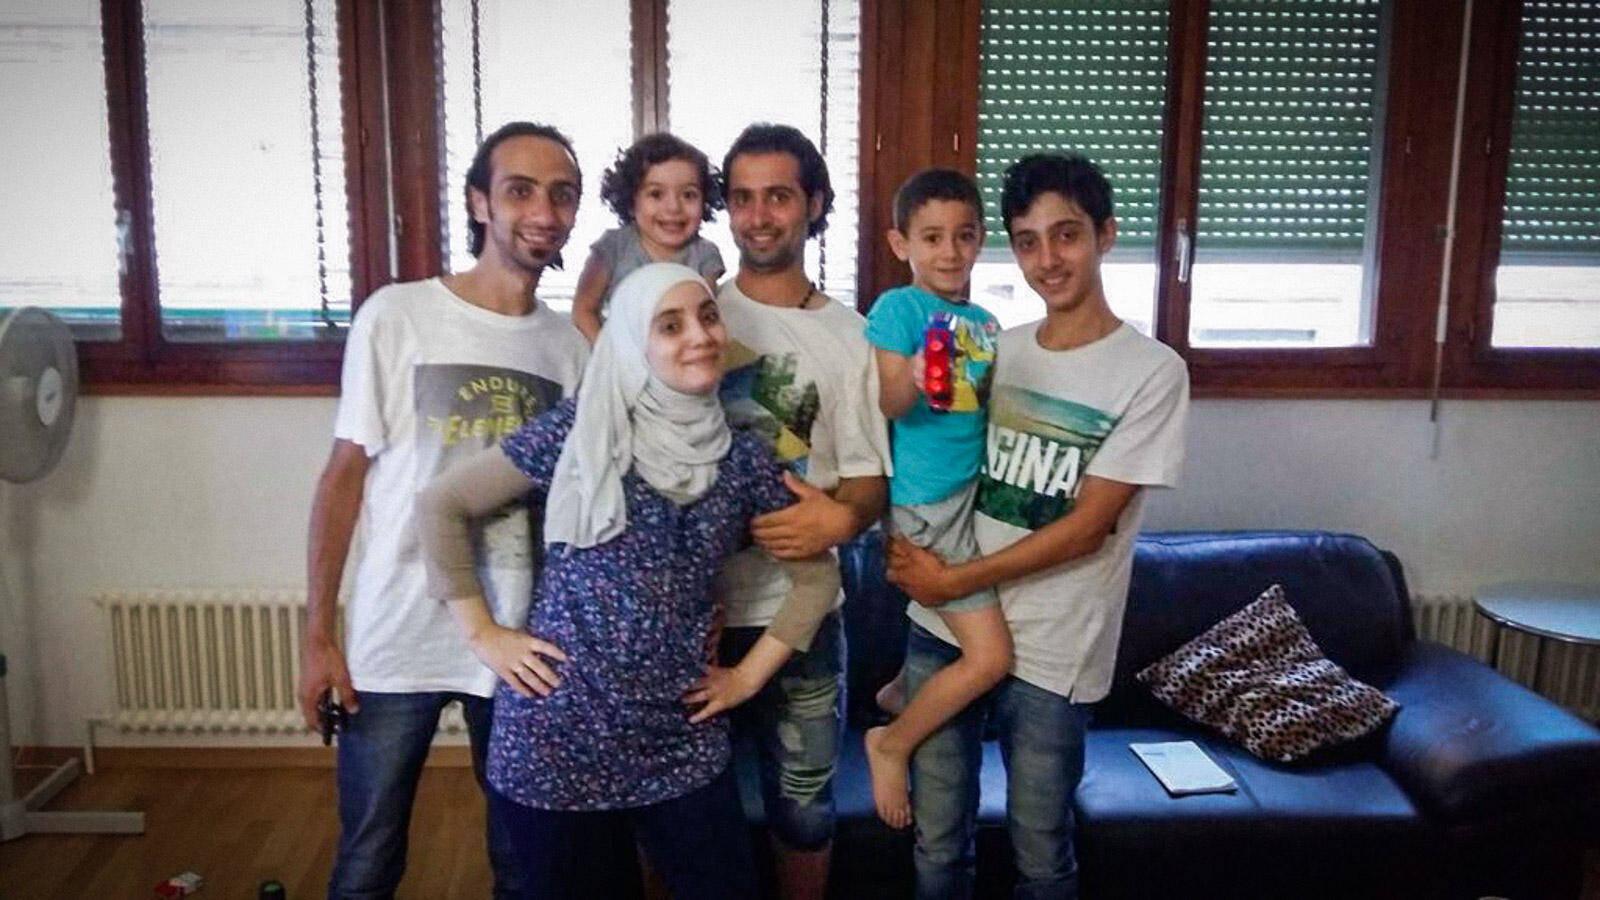 Nadeem e i suoi fratelli sono arrivati in Svizzera nell'agosto 2015 e hanno raggiunto immediatamente la sorella che già viveva a Ginevra. (Foto: Nadeem Khadem al-Jamie)